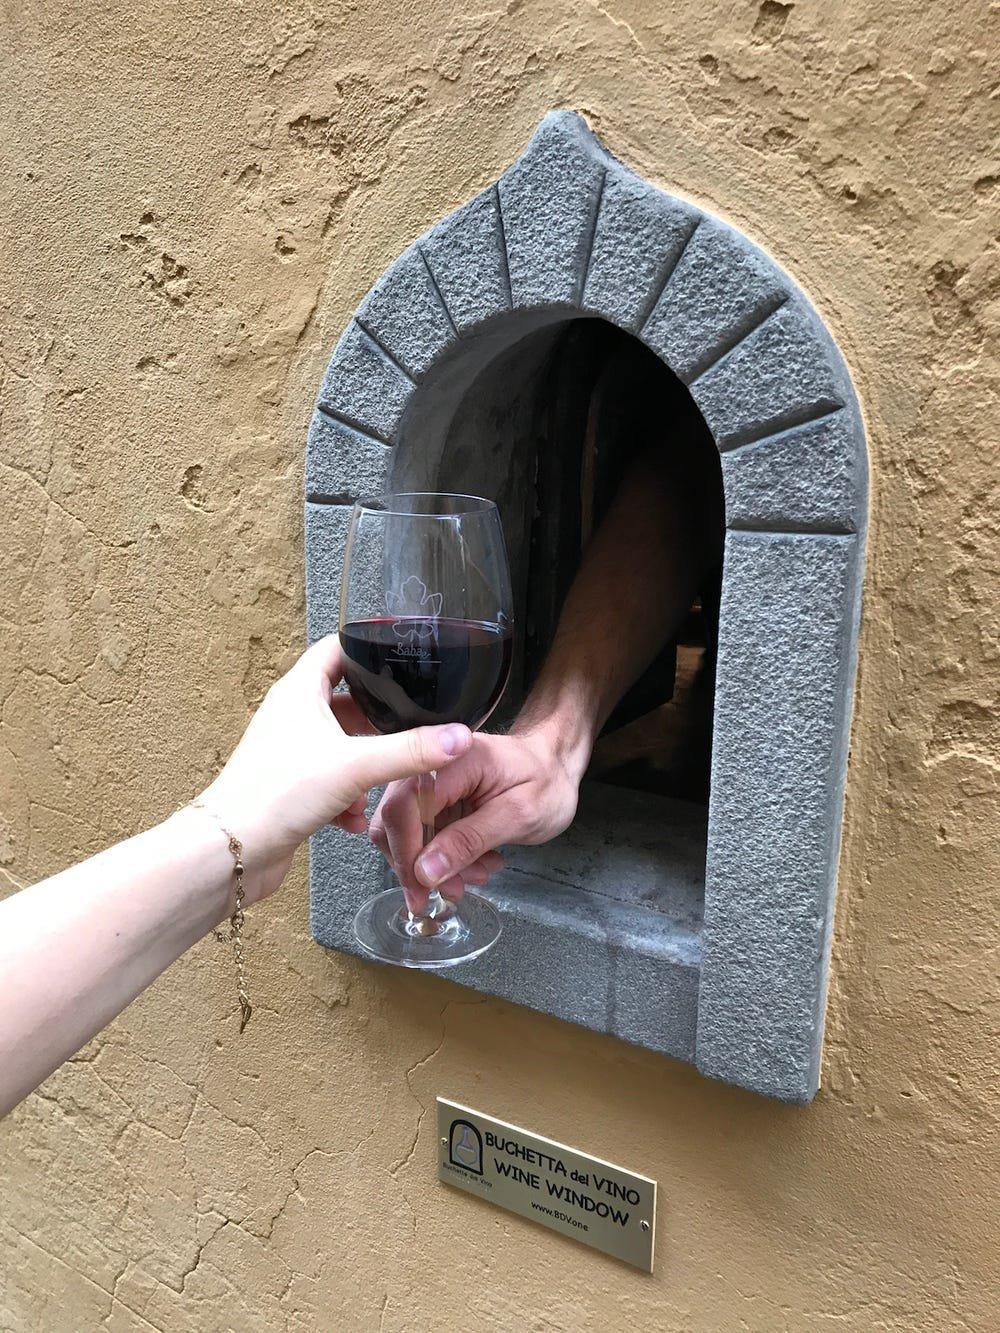 Janela de vinho, em Florença